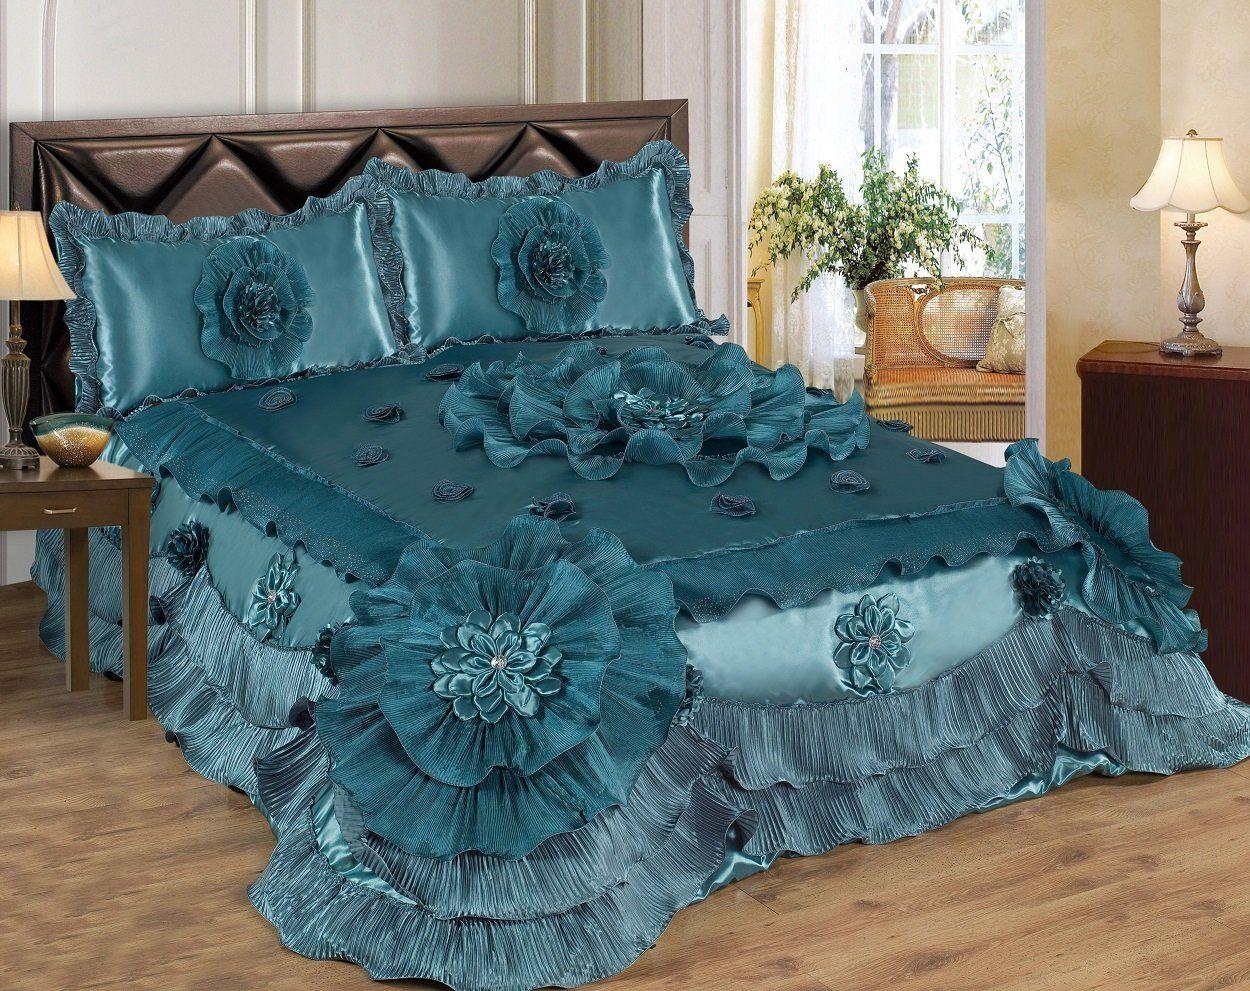 Amazon Queen Bleu amazon: 3 piece real 3d comforter set bedspread flower